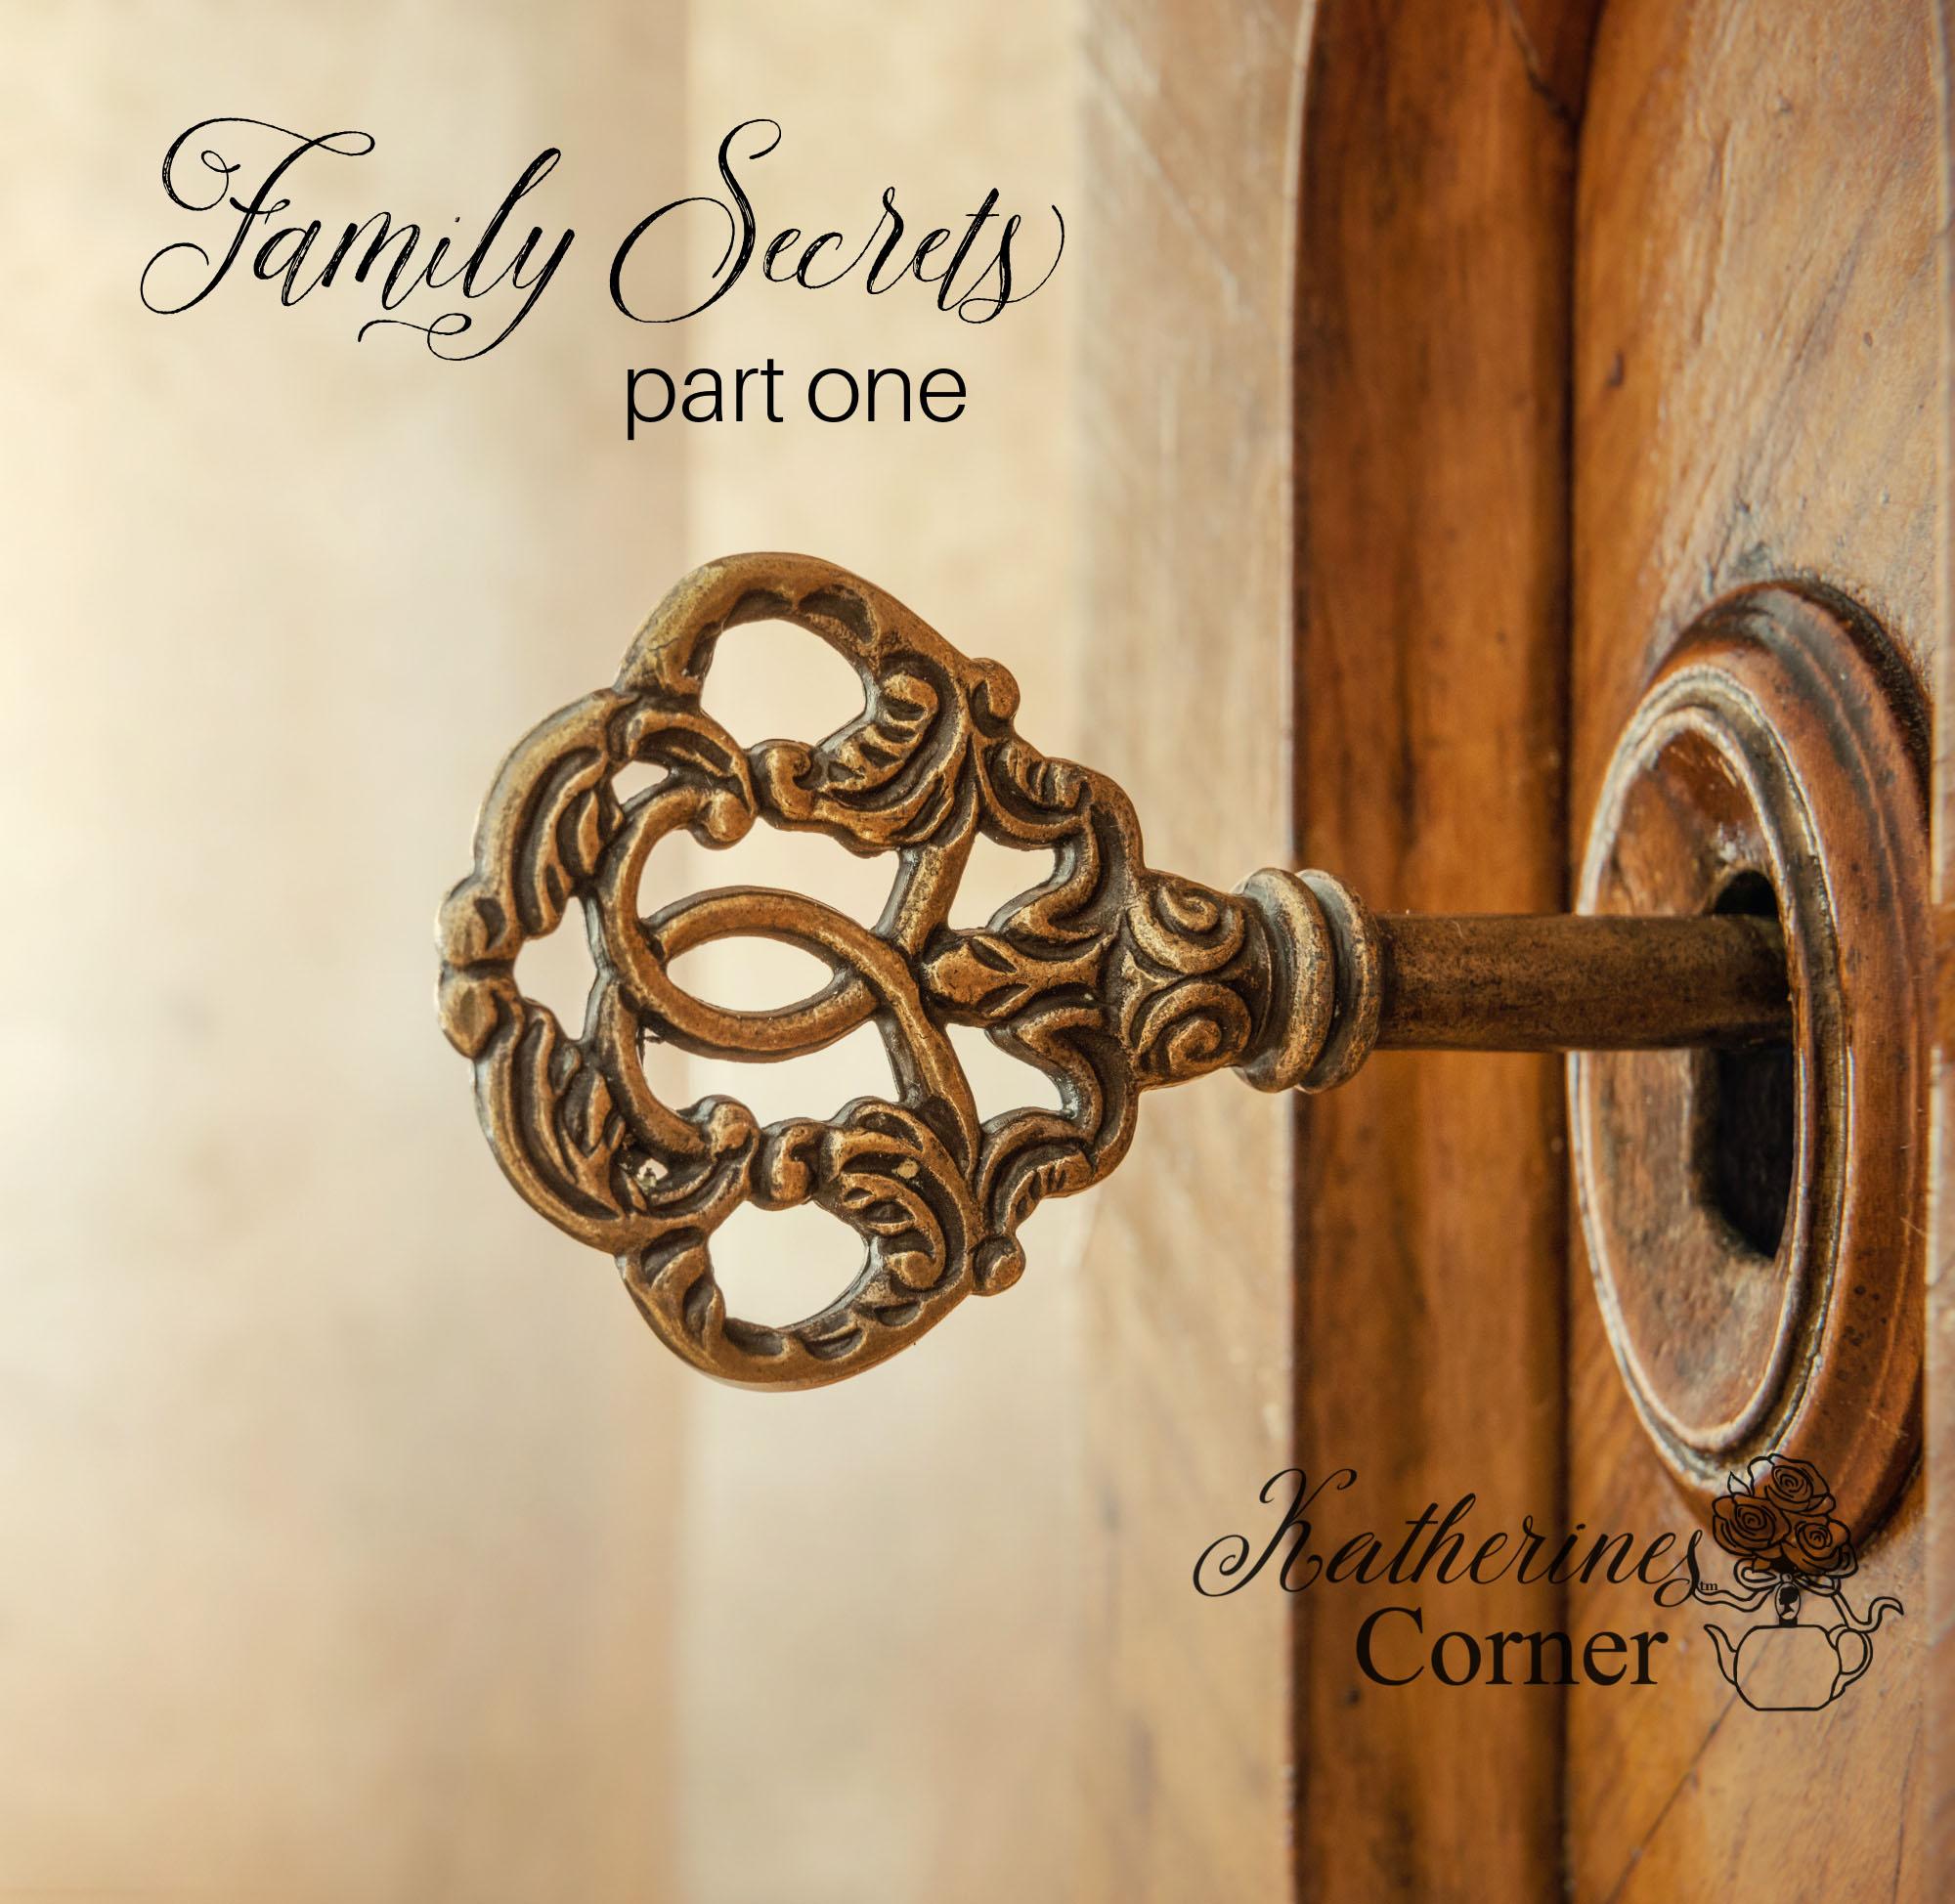 Family Secrets Part One